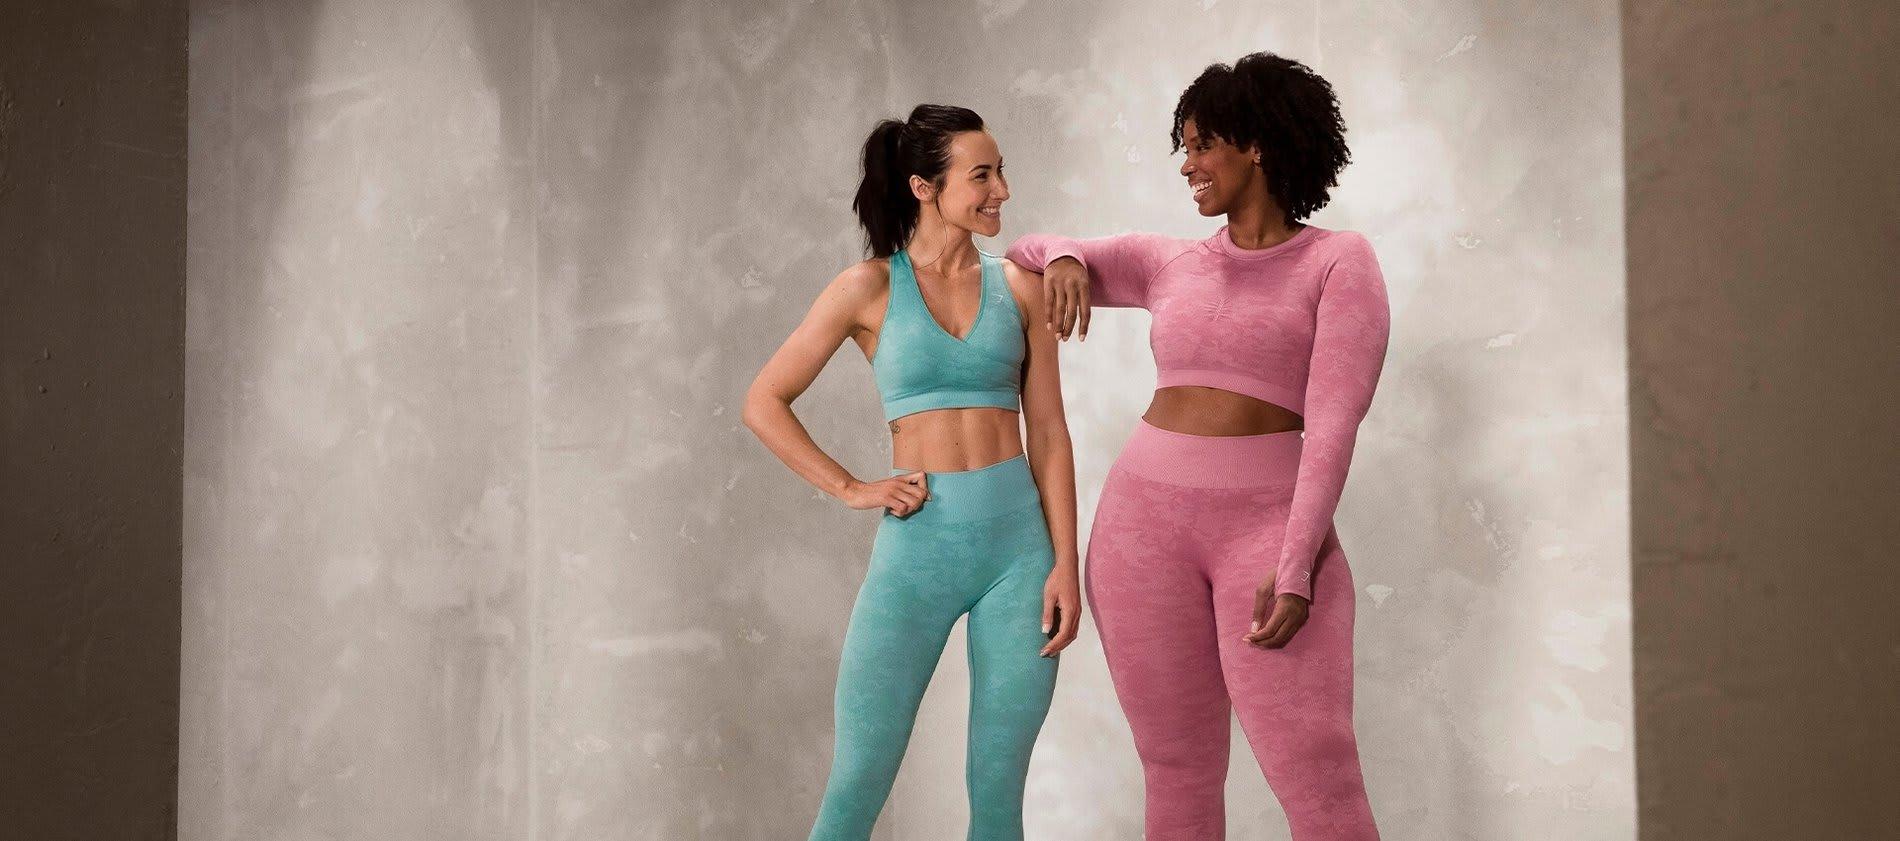 2 Gymshark Athleten lächeln sich an und tragen dabei die Camo Seamless Kollektion.